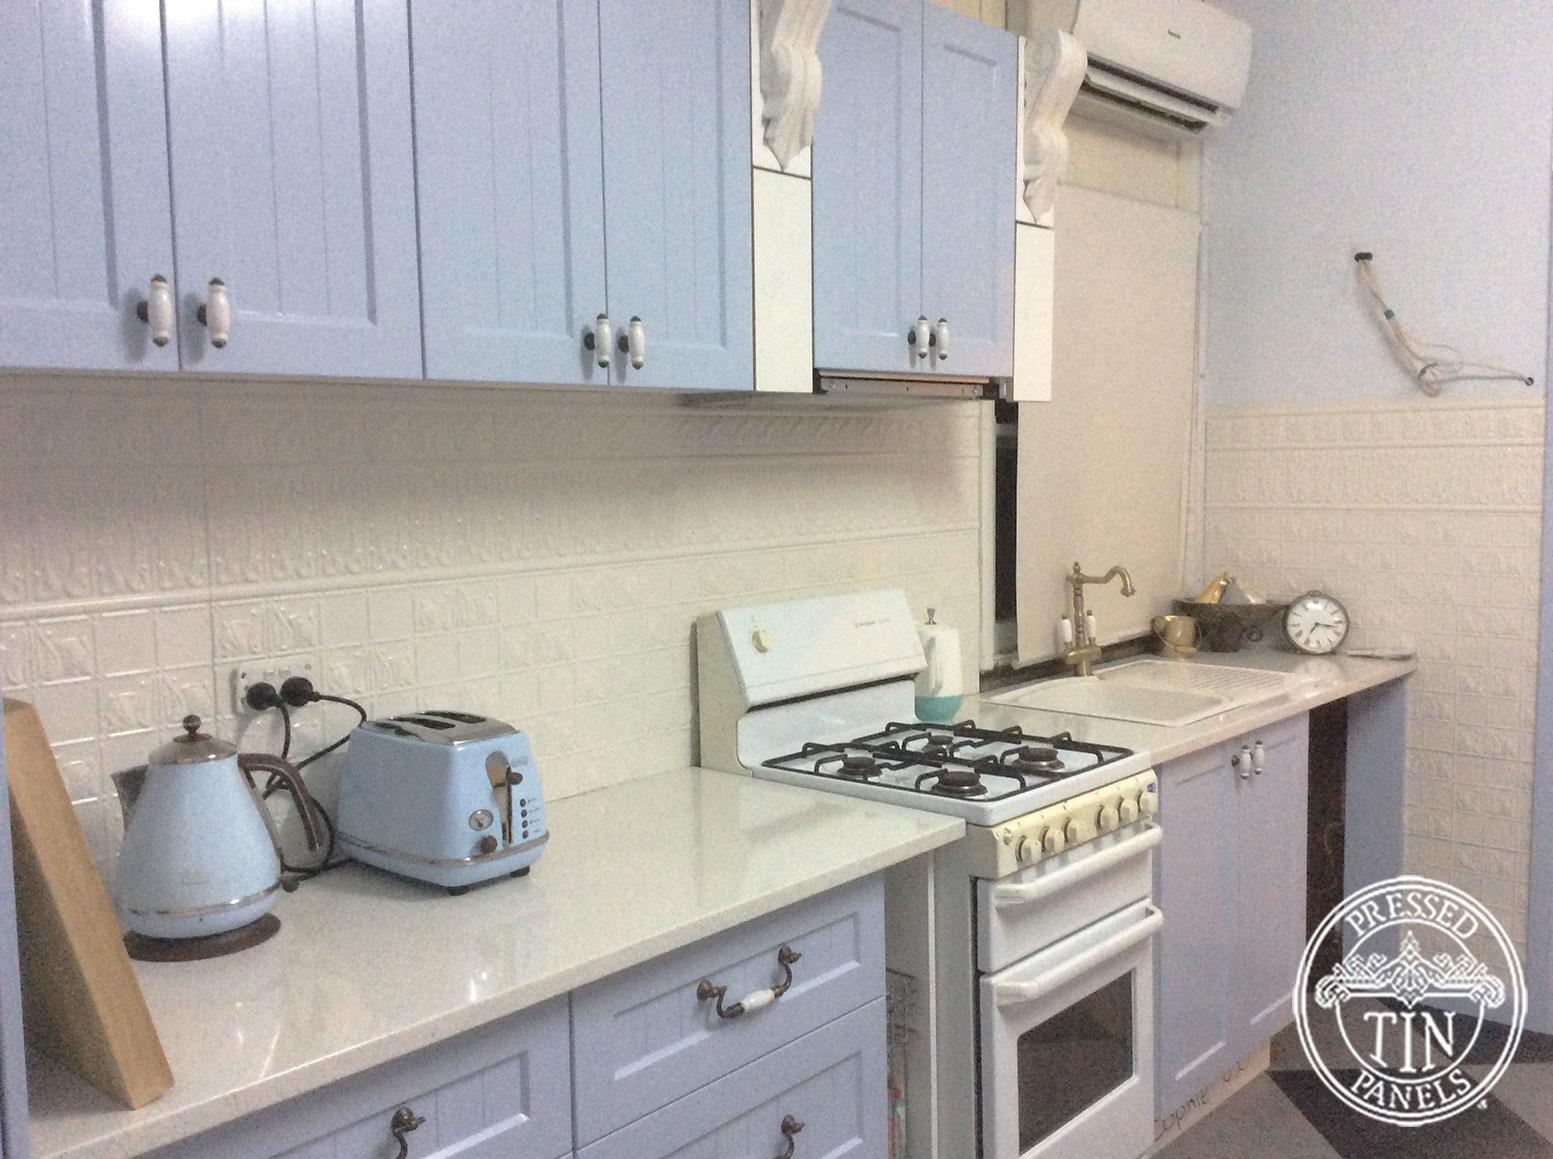 Pressed Tin Panels Wall Panel Kitchen Splashback Shoji White Full